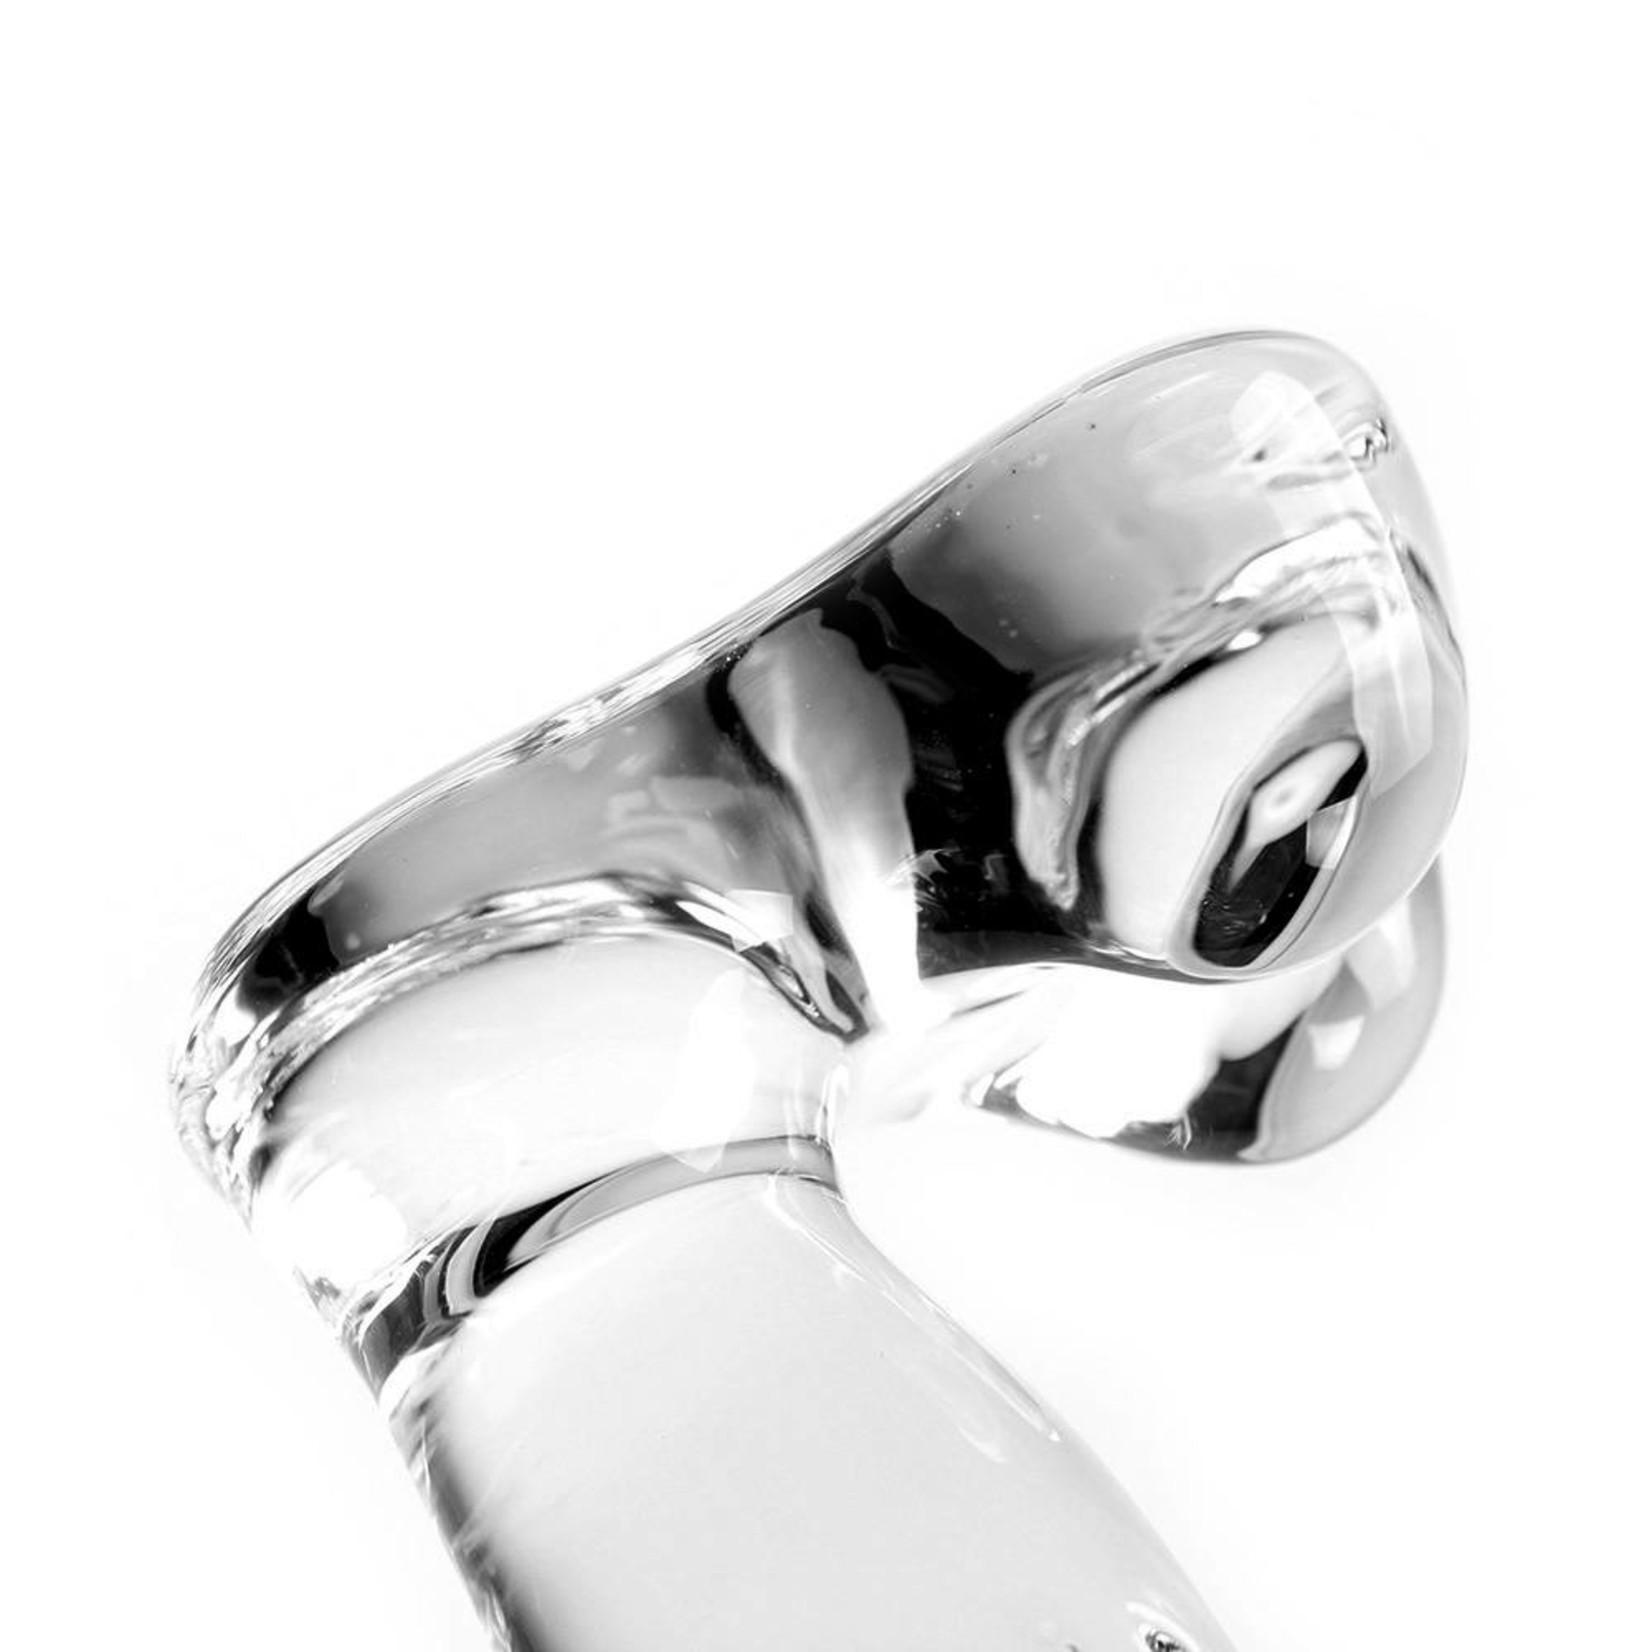 Kiotos Glass Glass Dildo Clear Penis Thick